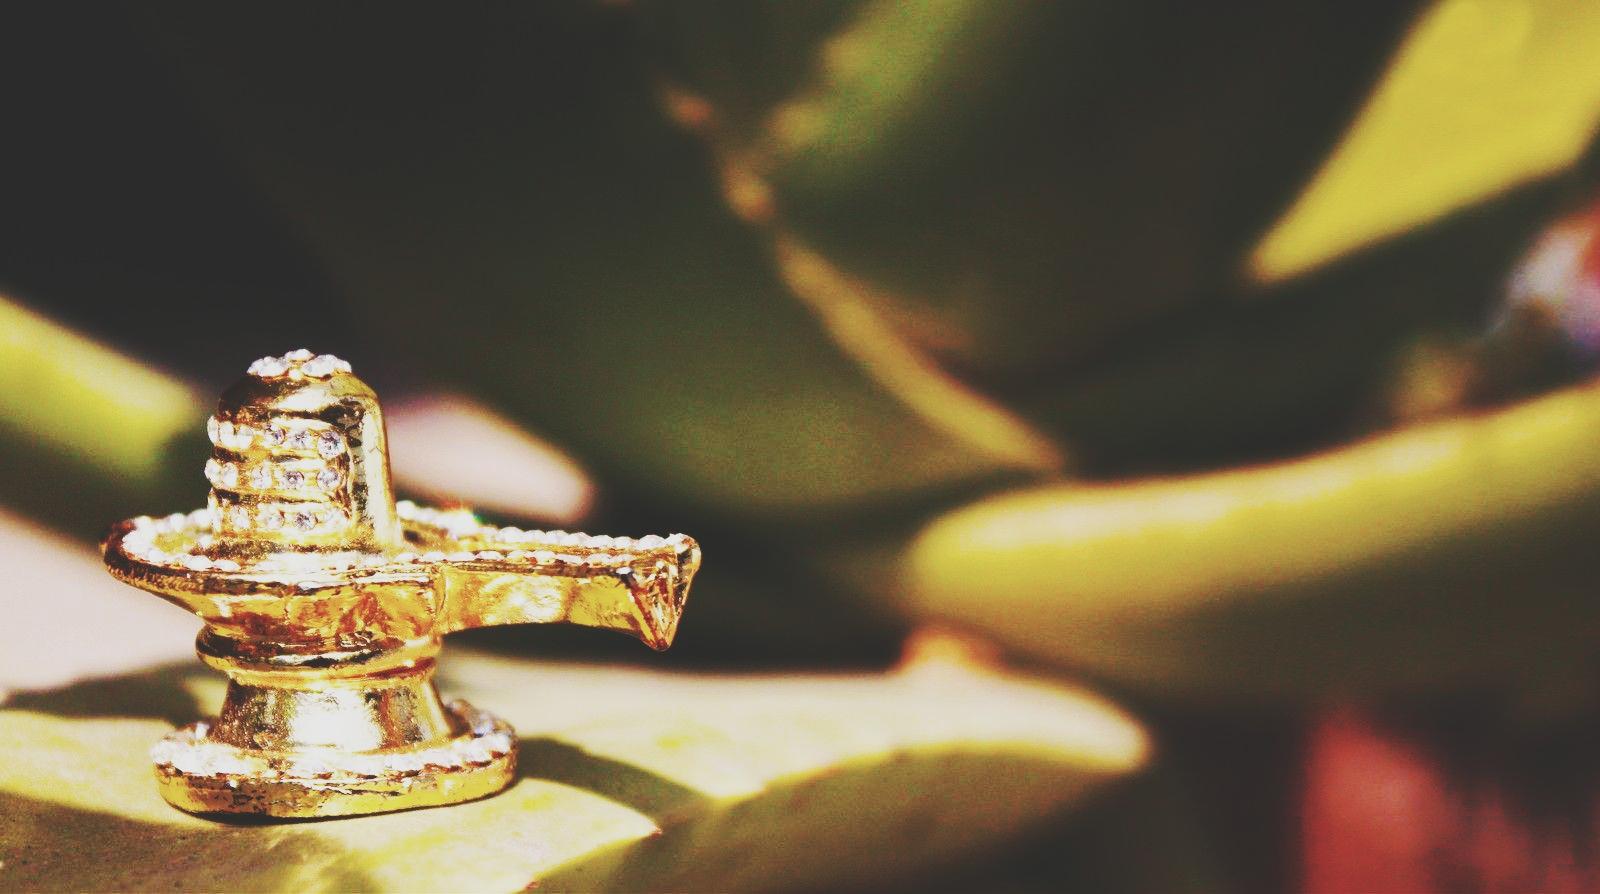 दिशा अनुसार पूजन – सही दिशा में करेंगे देवी-देवताओं का पूजन तो मिलेगा लाभ